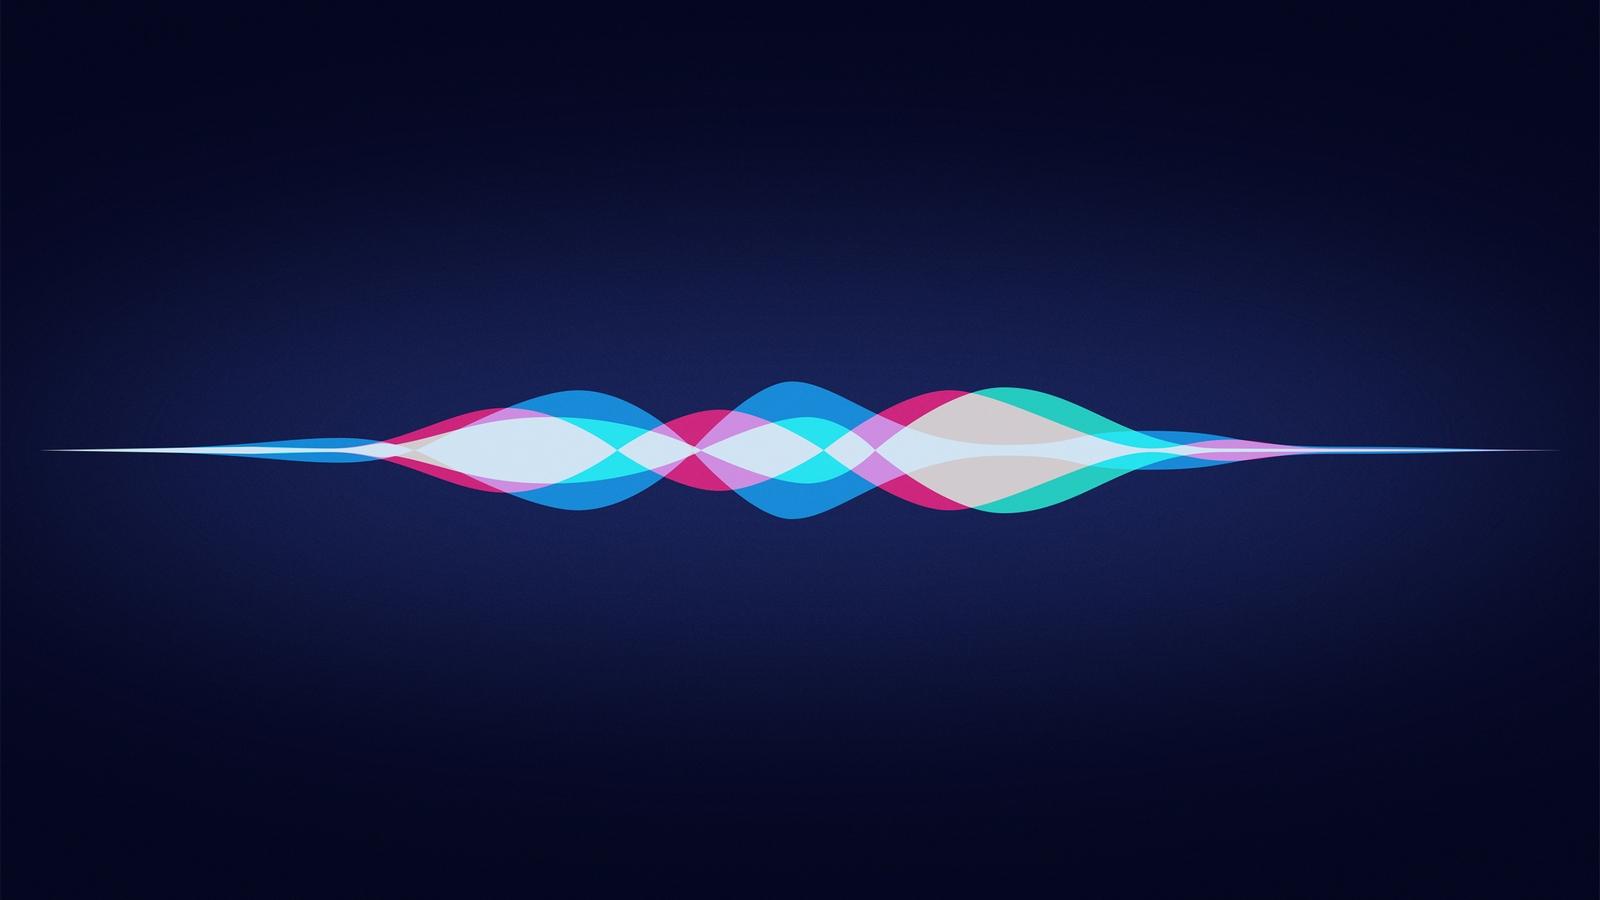 Siri, immagine grafica dell'onda vocale di Siri.